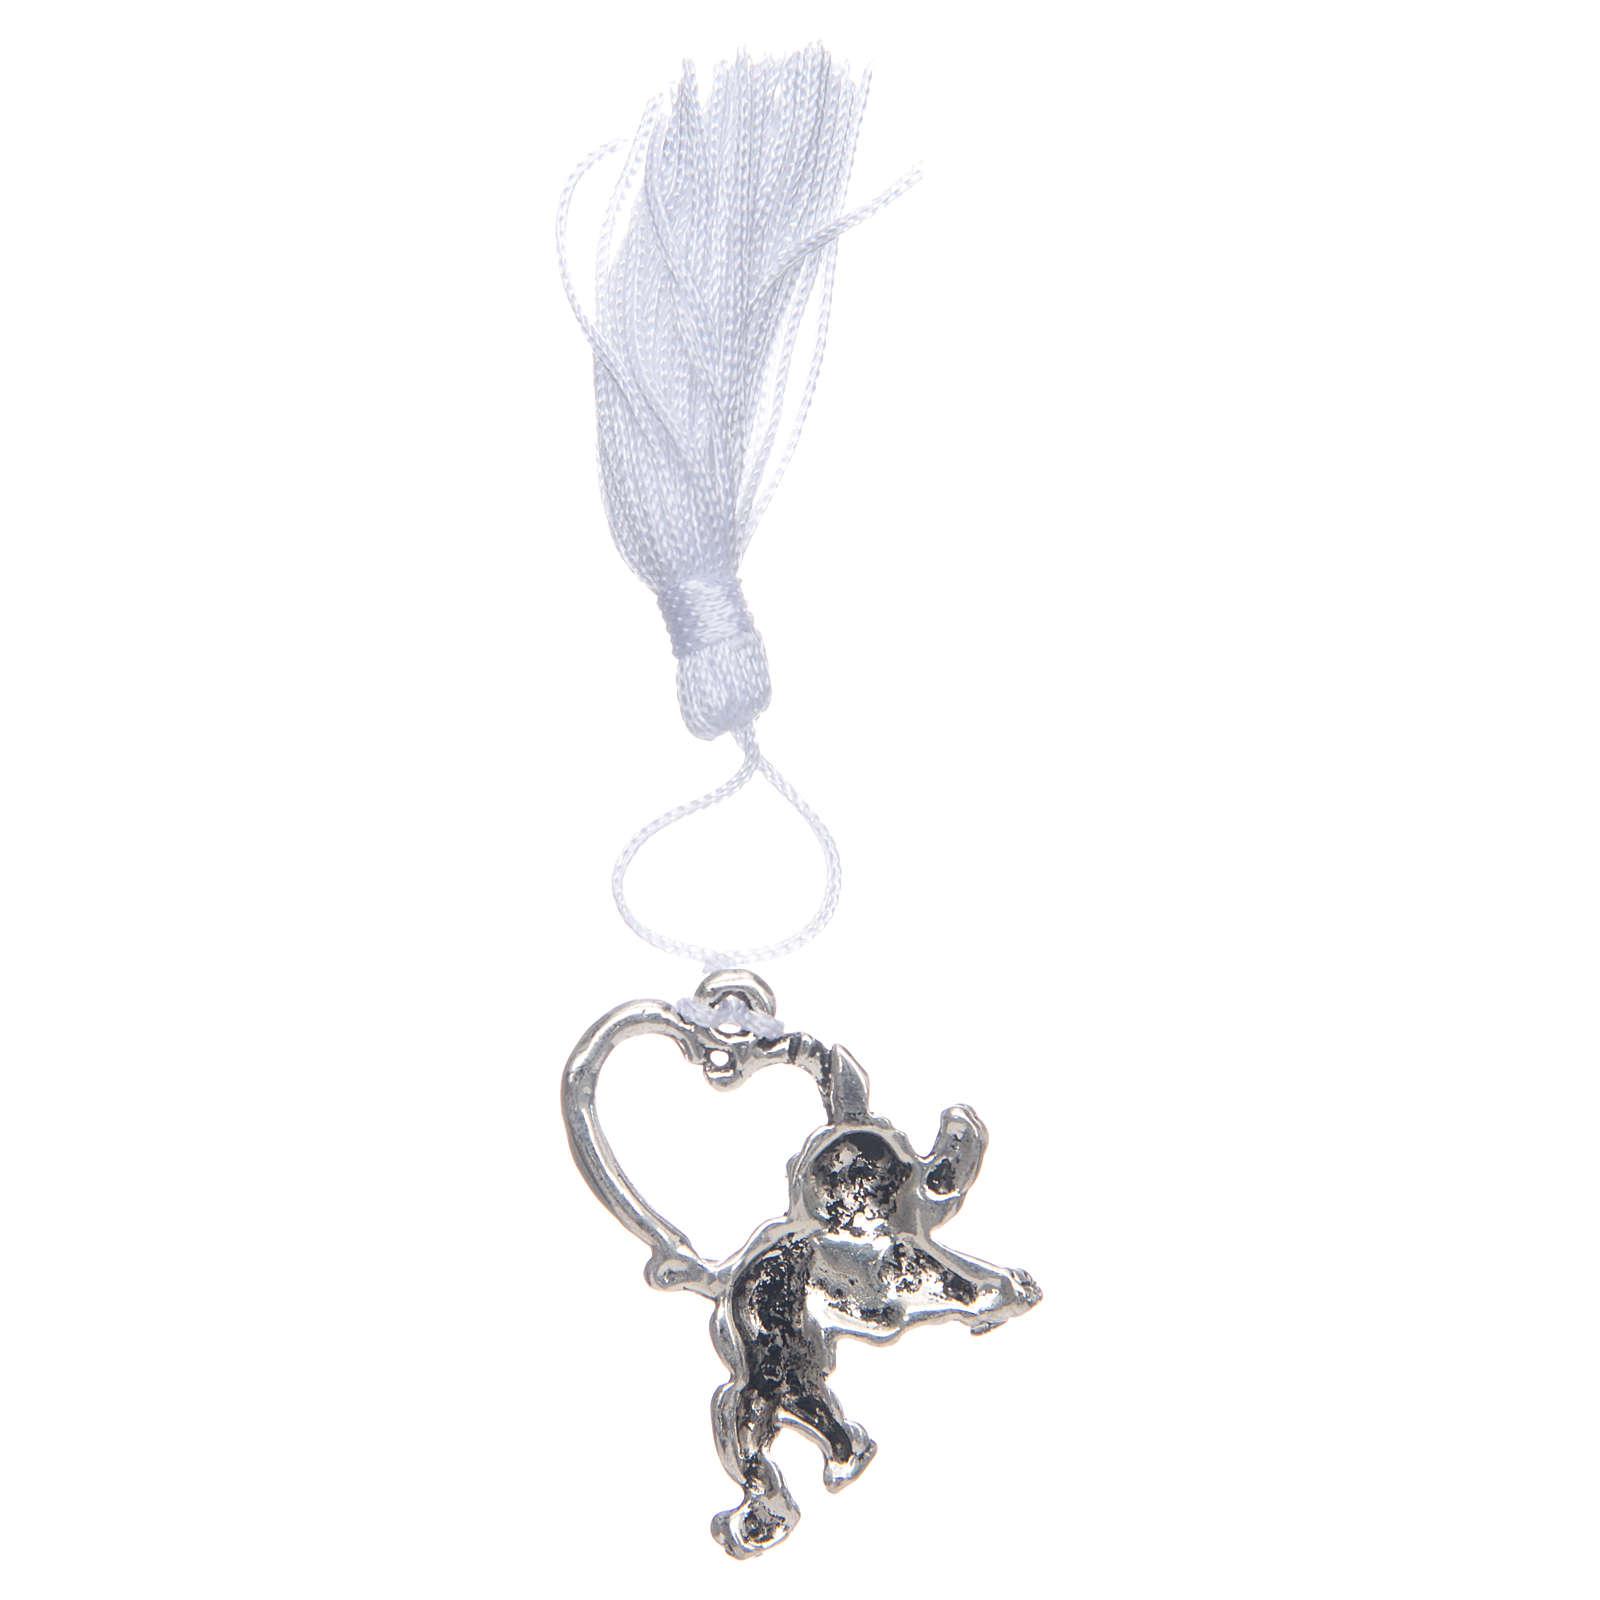 Souvenir Mariage cupidon avec gland 3